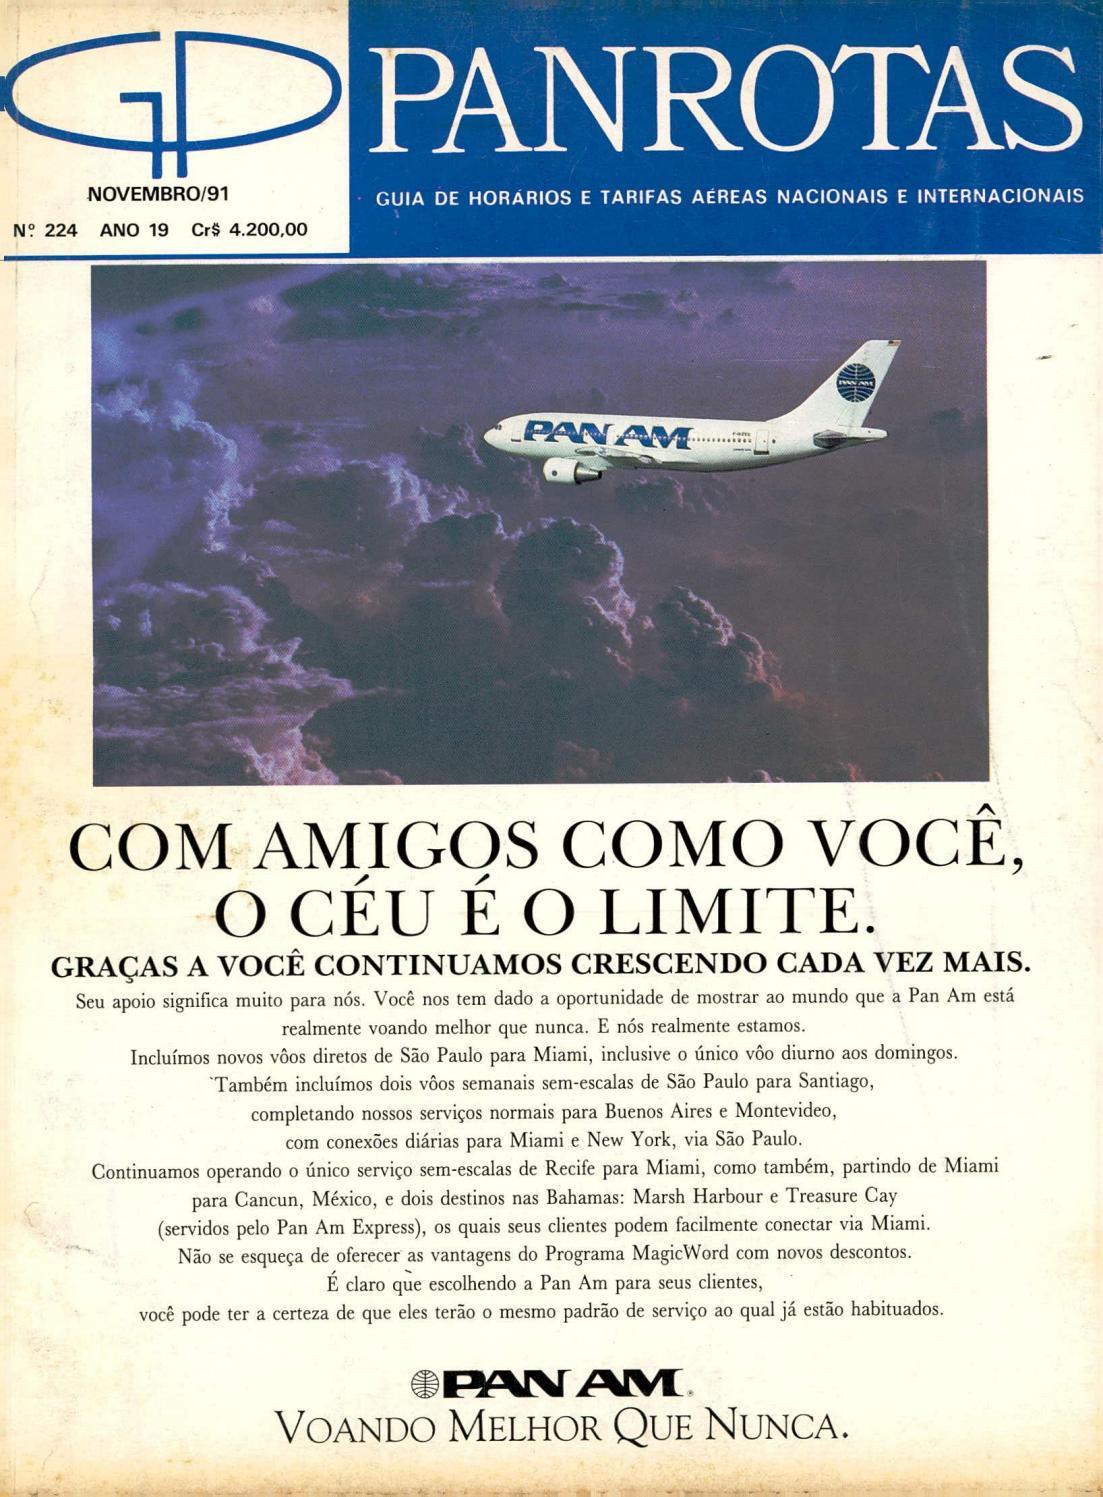 f2cd89147e92a Guia PANROTAS - Edição 224 - Novembro 1991 by PANROTAS Editora - issuu